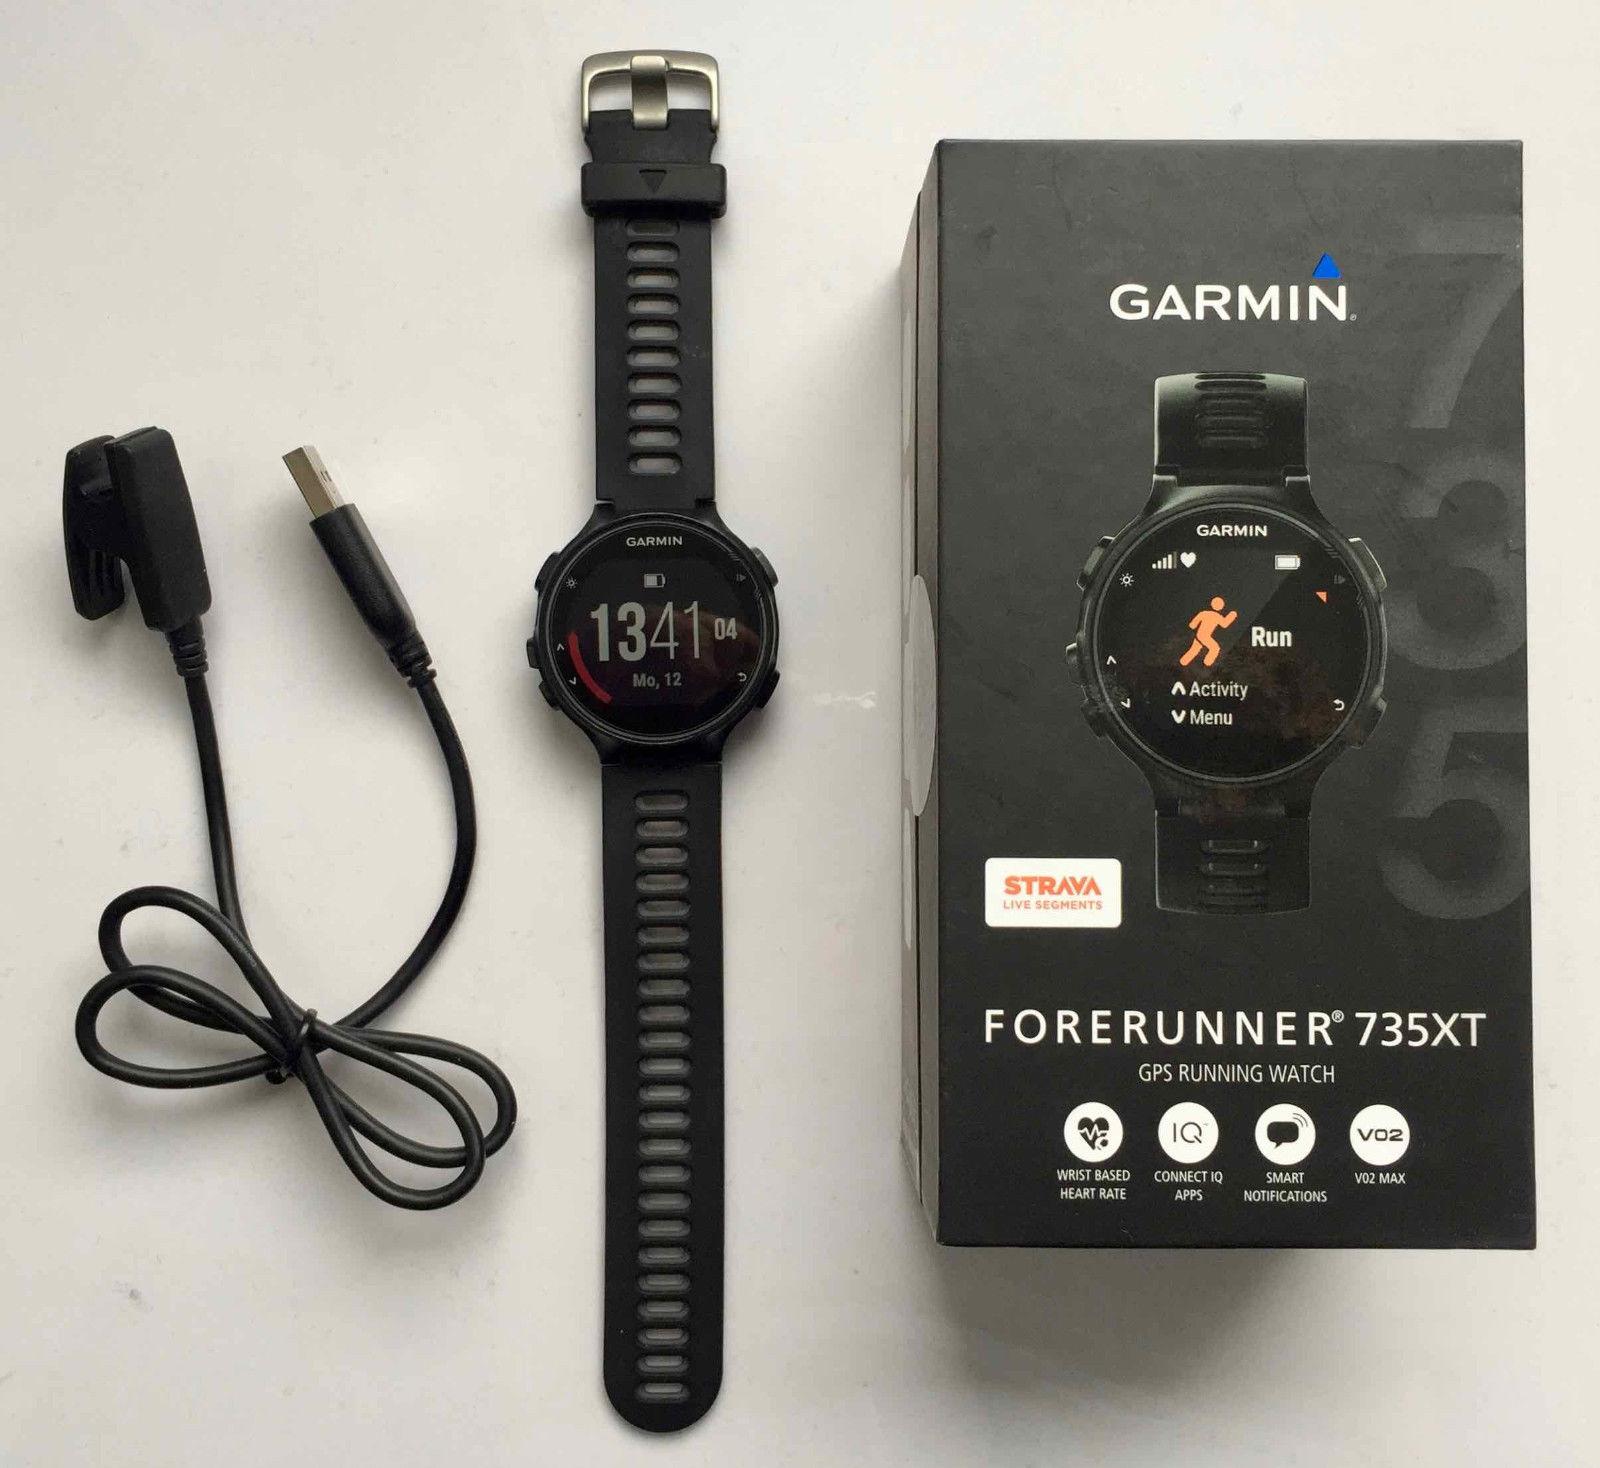 GPS Pulsuhr Garmin Forerunner 735 XT, schwarz, sehr guter Zustand, wenig gebrauc